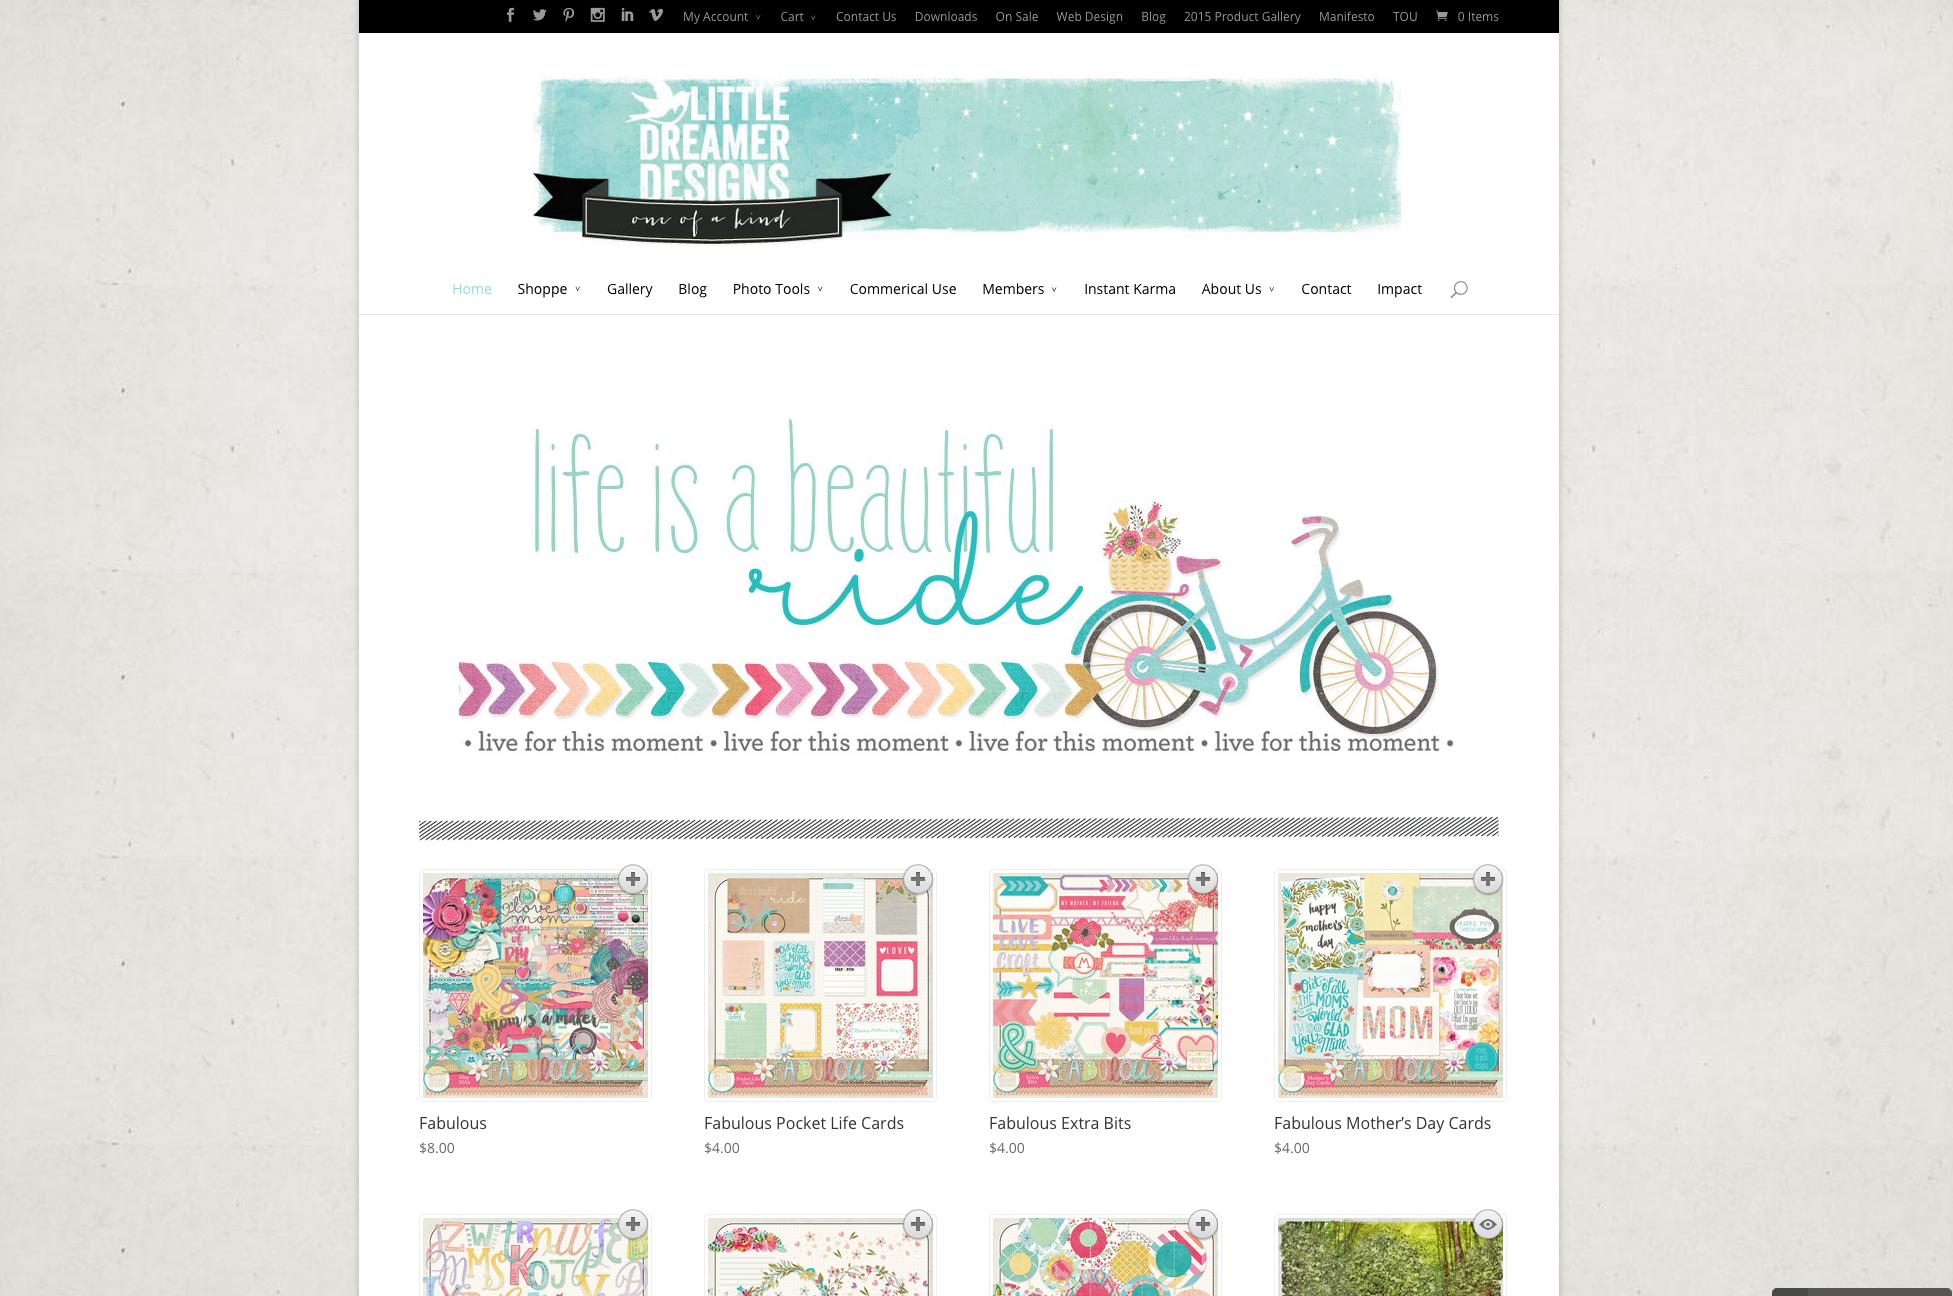 Little Dreamer | littledreamer.com